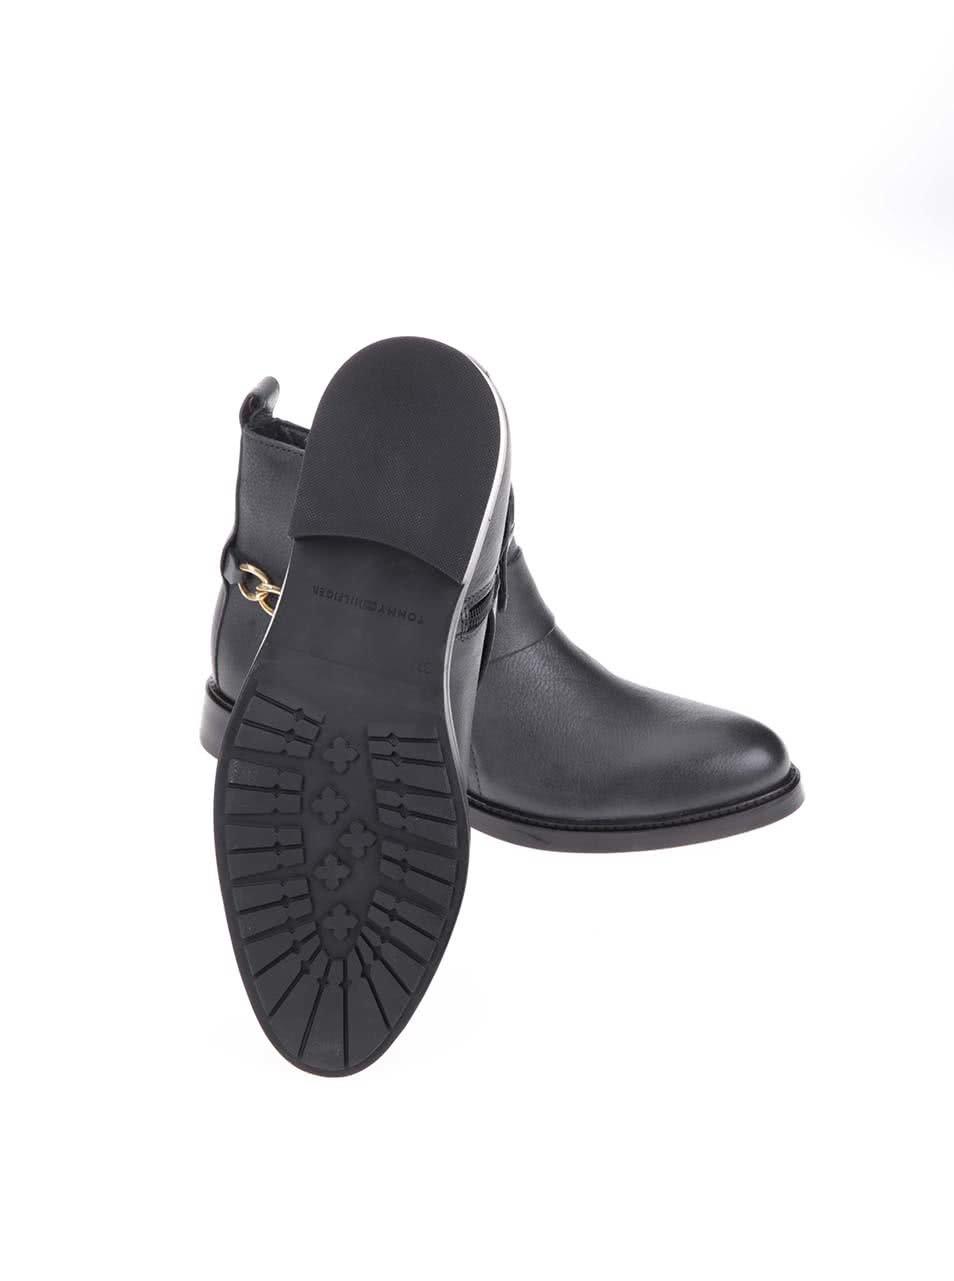 Šedé dámské kožené kotníkové boty Tommy Hilfiger Holly ... 03e46c2165